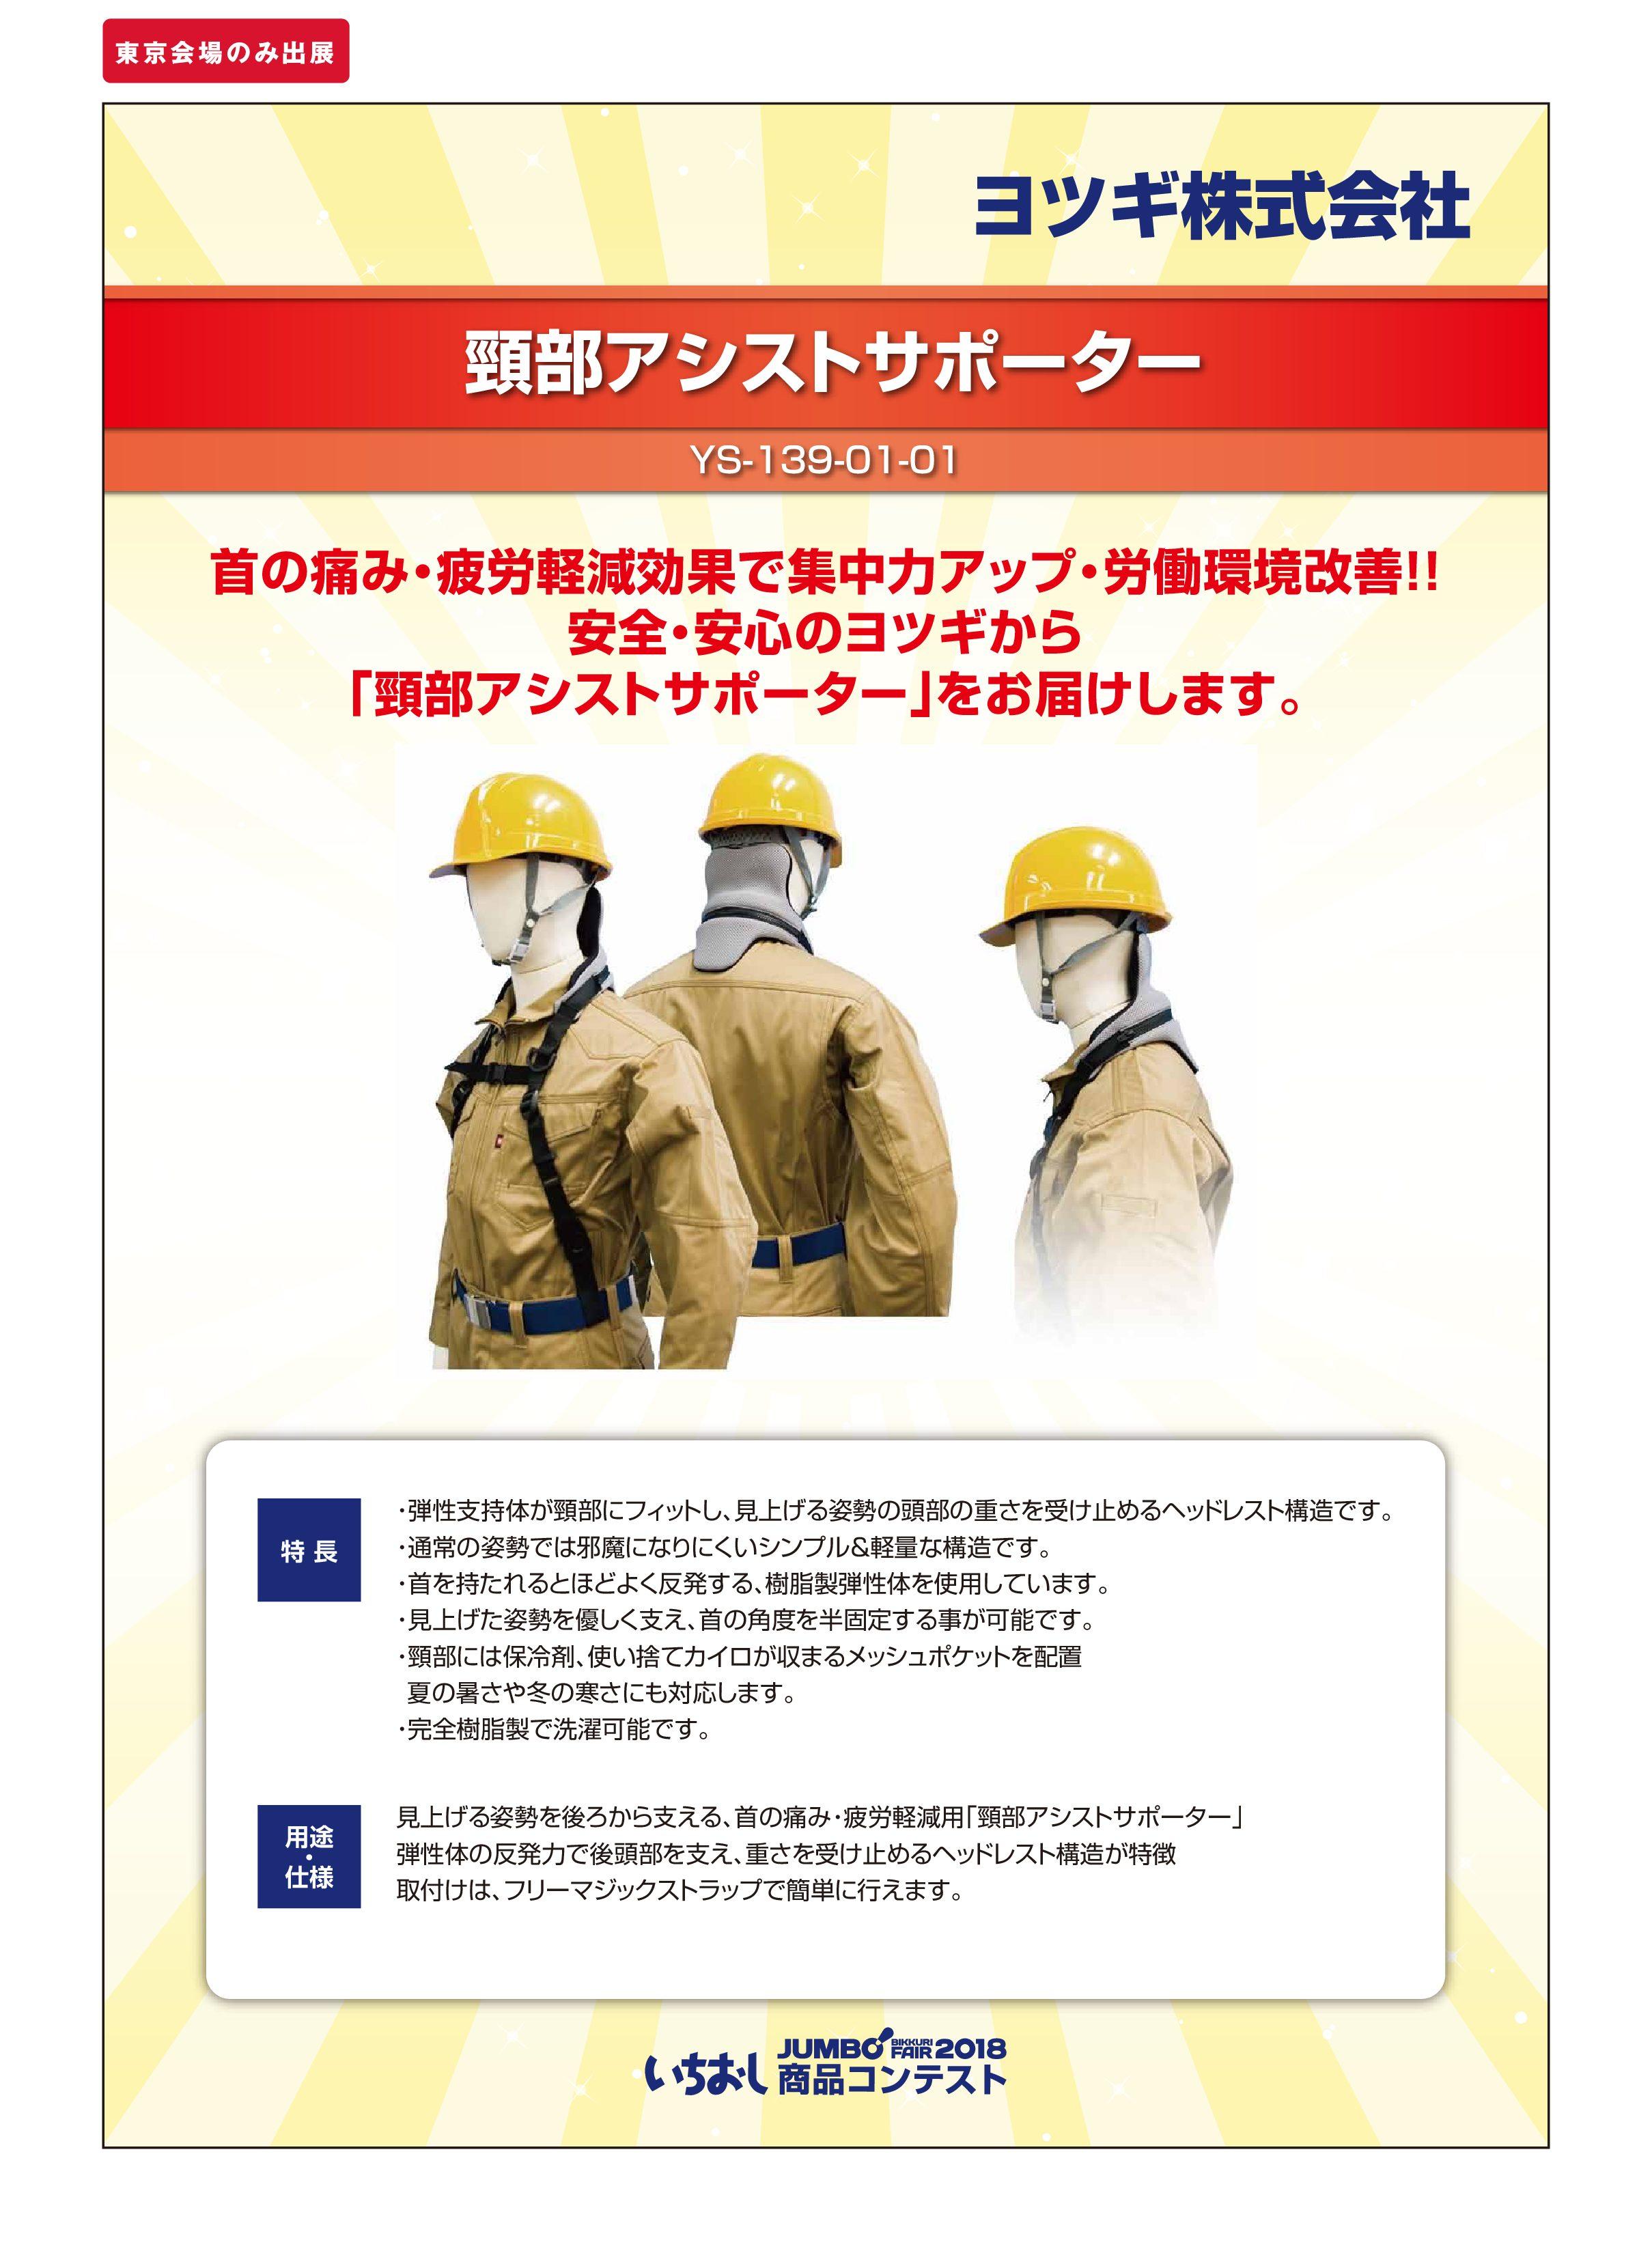 「頸部アシストサポーター」ヨツギ株式会社の画像